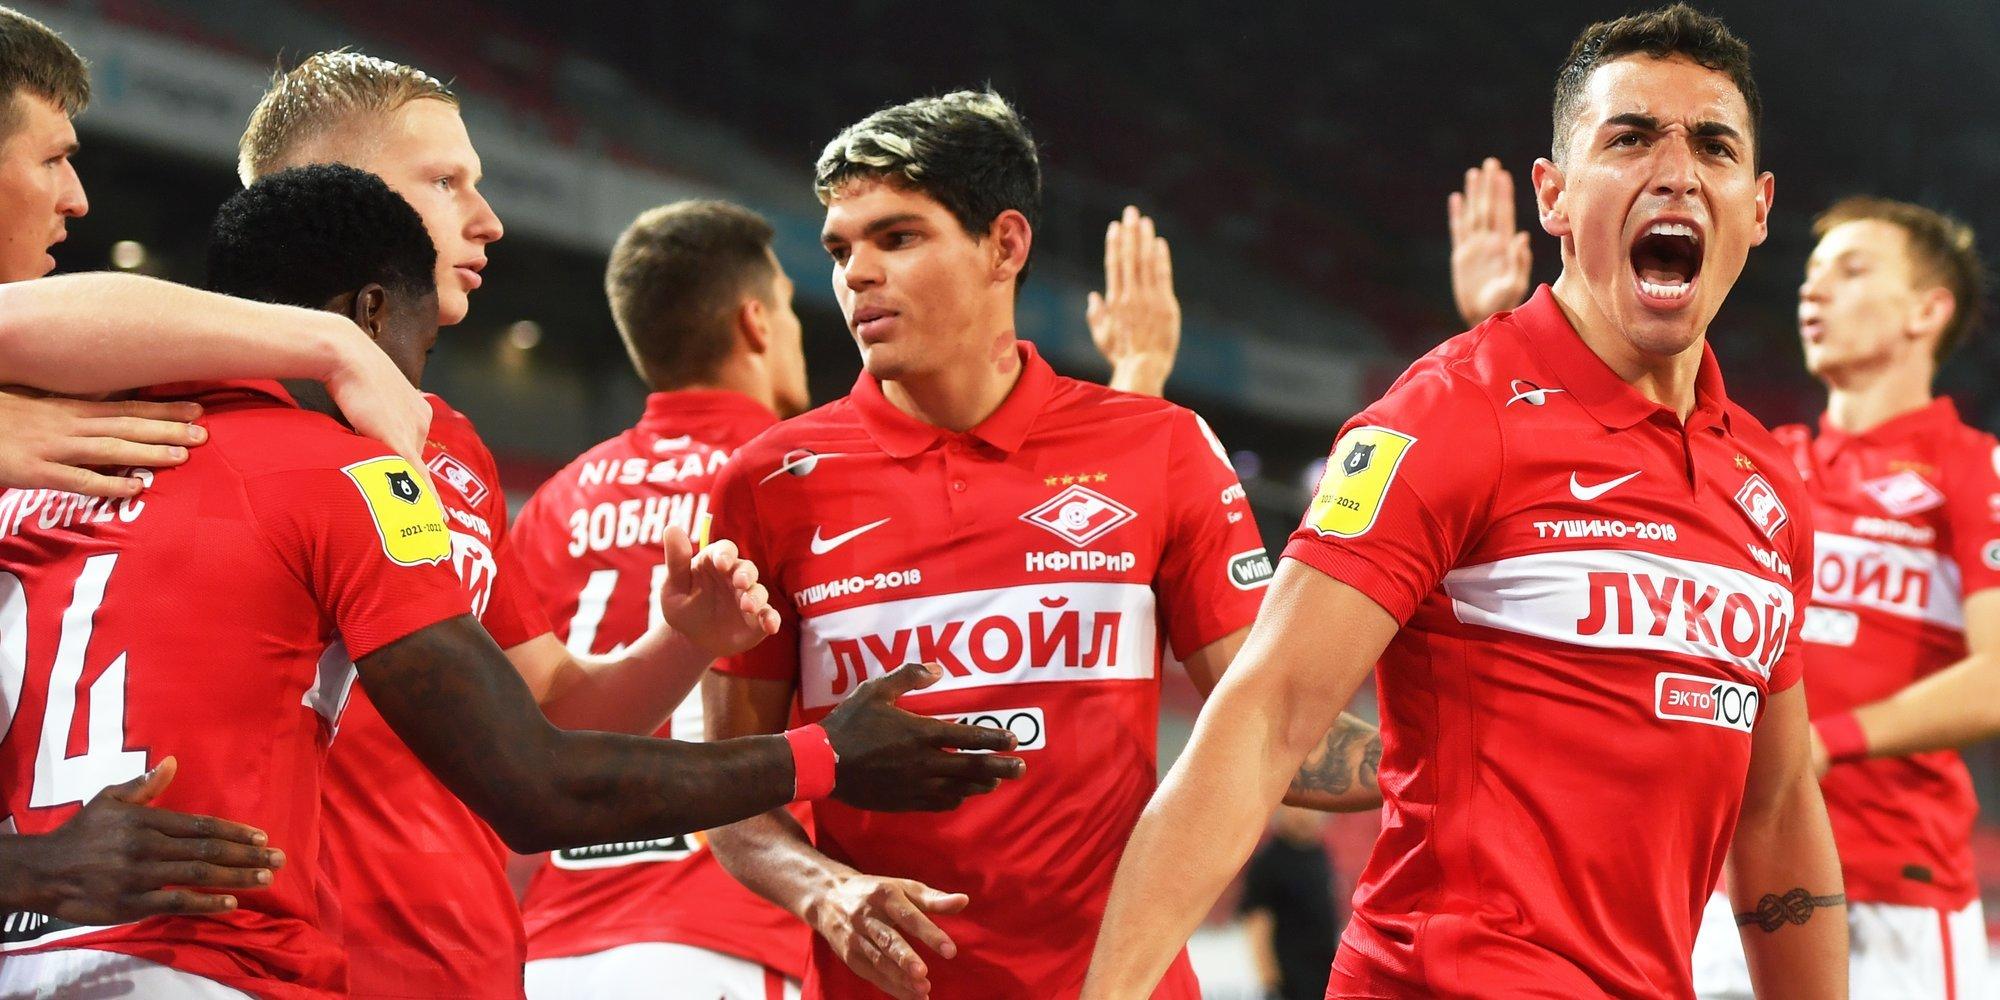 «Спартак» стал первым российским клубом с аудиторией соцсетей свыше 5 млн подписчиков